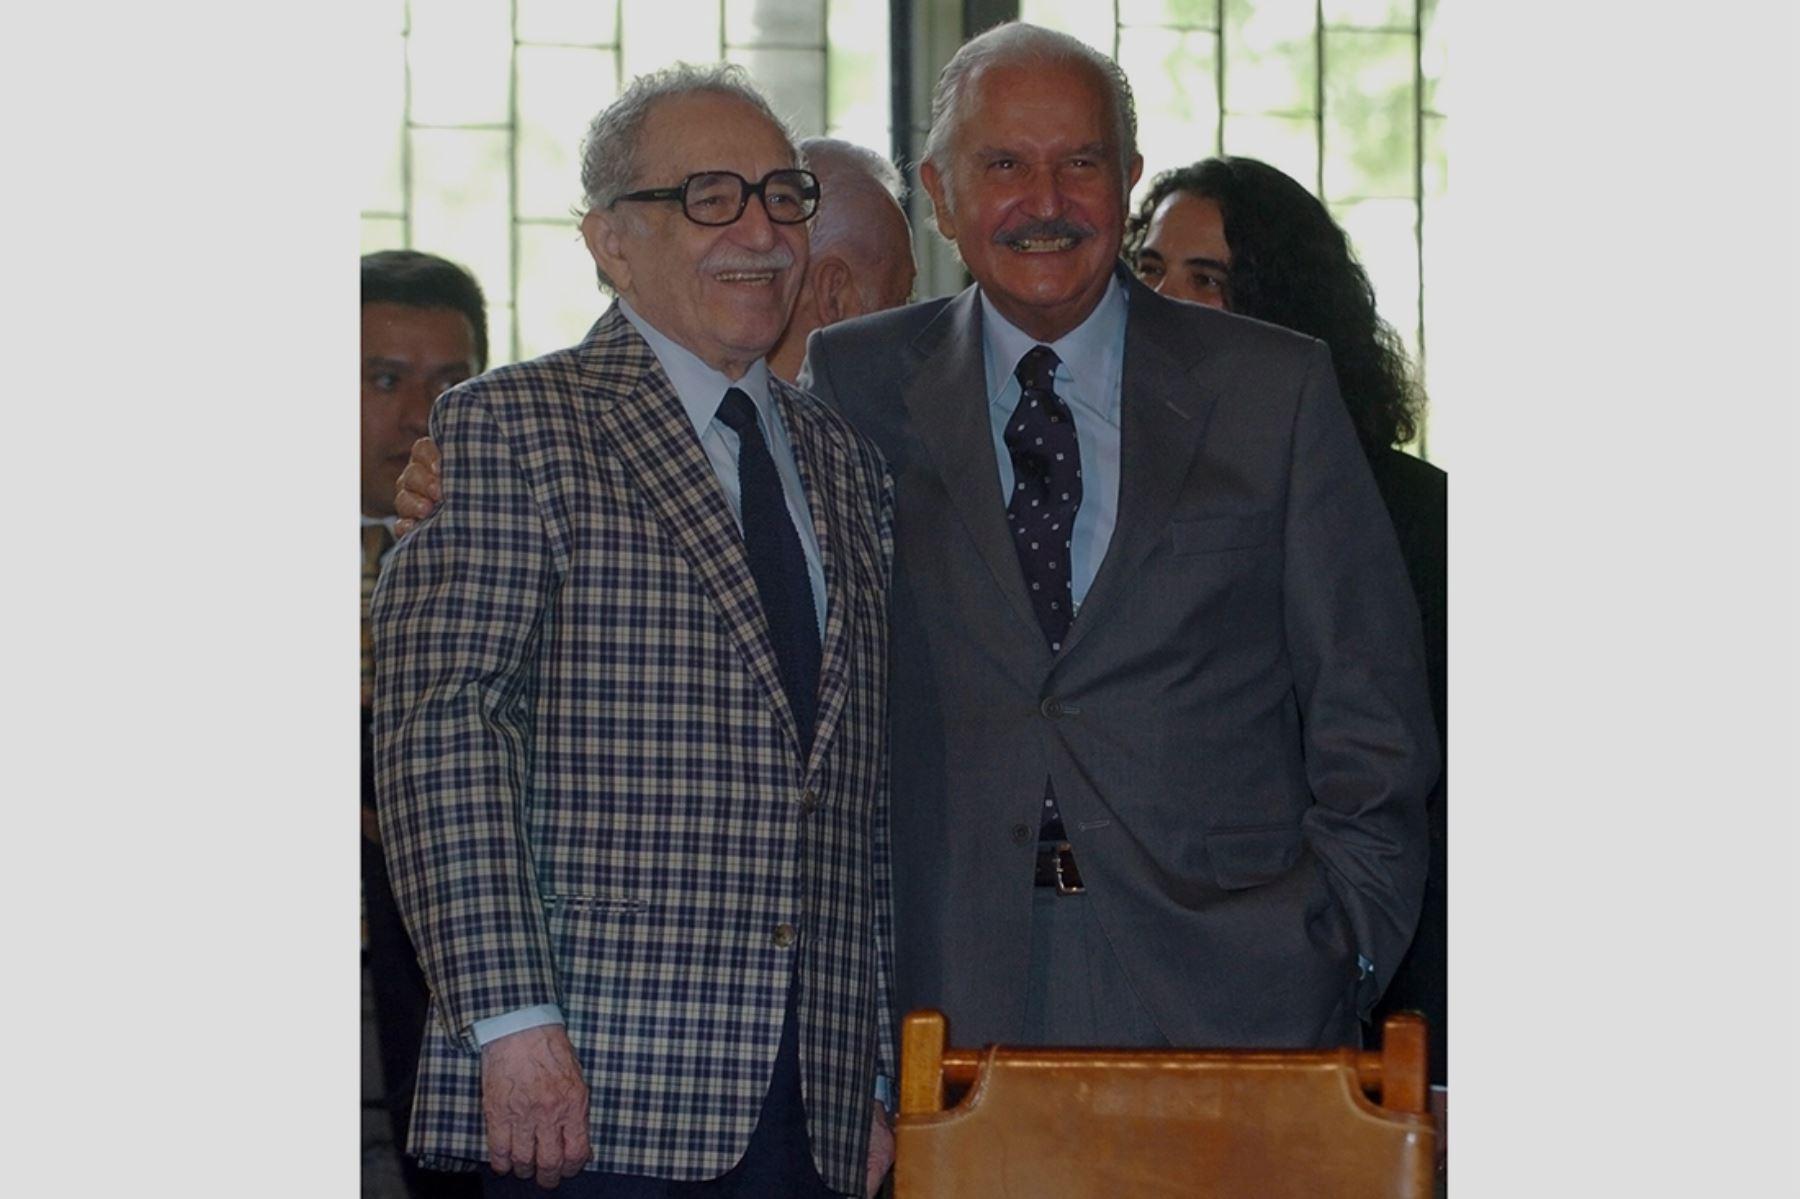 Ciudad de México - 26 setiembre 2007 /  Los escritores Gabriel García Márquez y Carlos Fuentes en la ceremonia donde el mexicano entregó a la Biblioteca Nacional de la Universidad Nacional Autónoma de México (UNAM) sus primeras obras literarias.  Foto: EFE